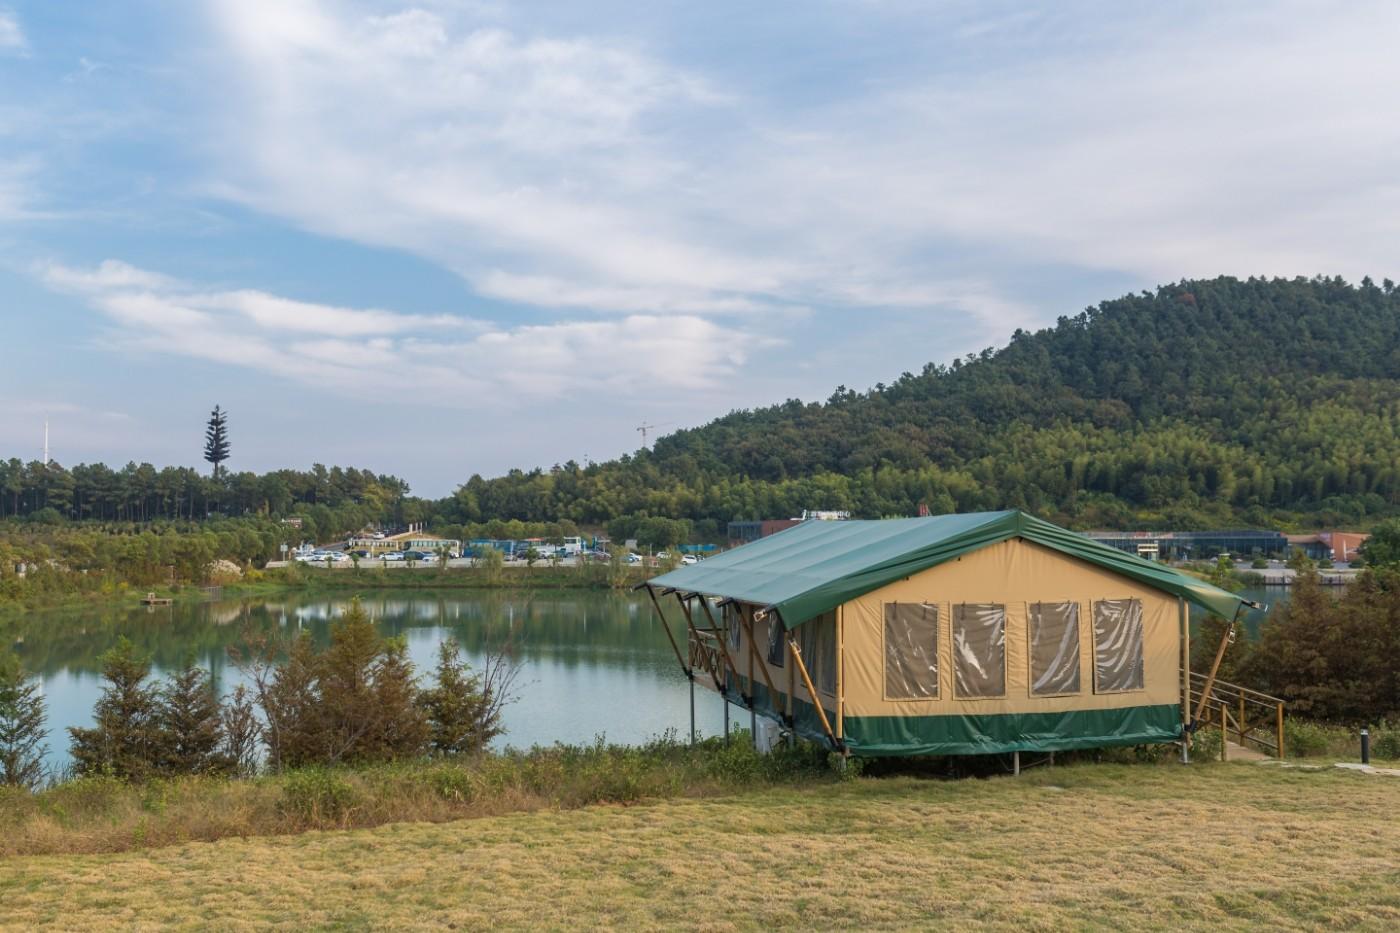 喜马拉雅野奢帐篷酒店—宝盛园夜色6